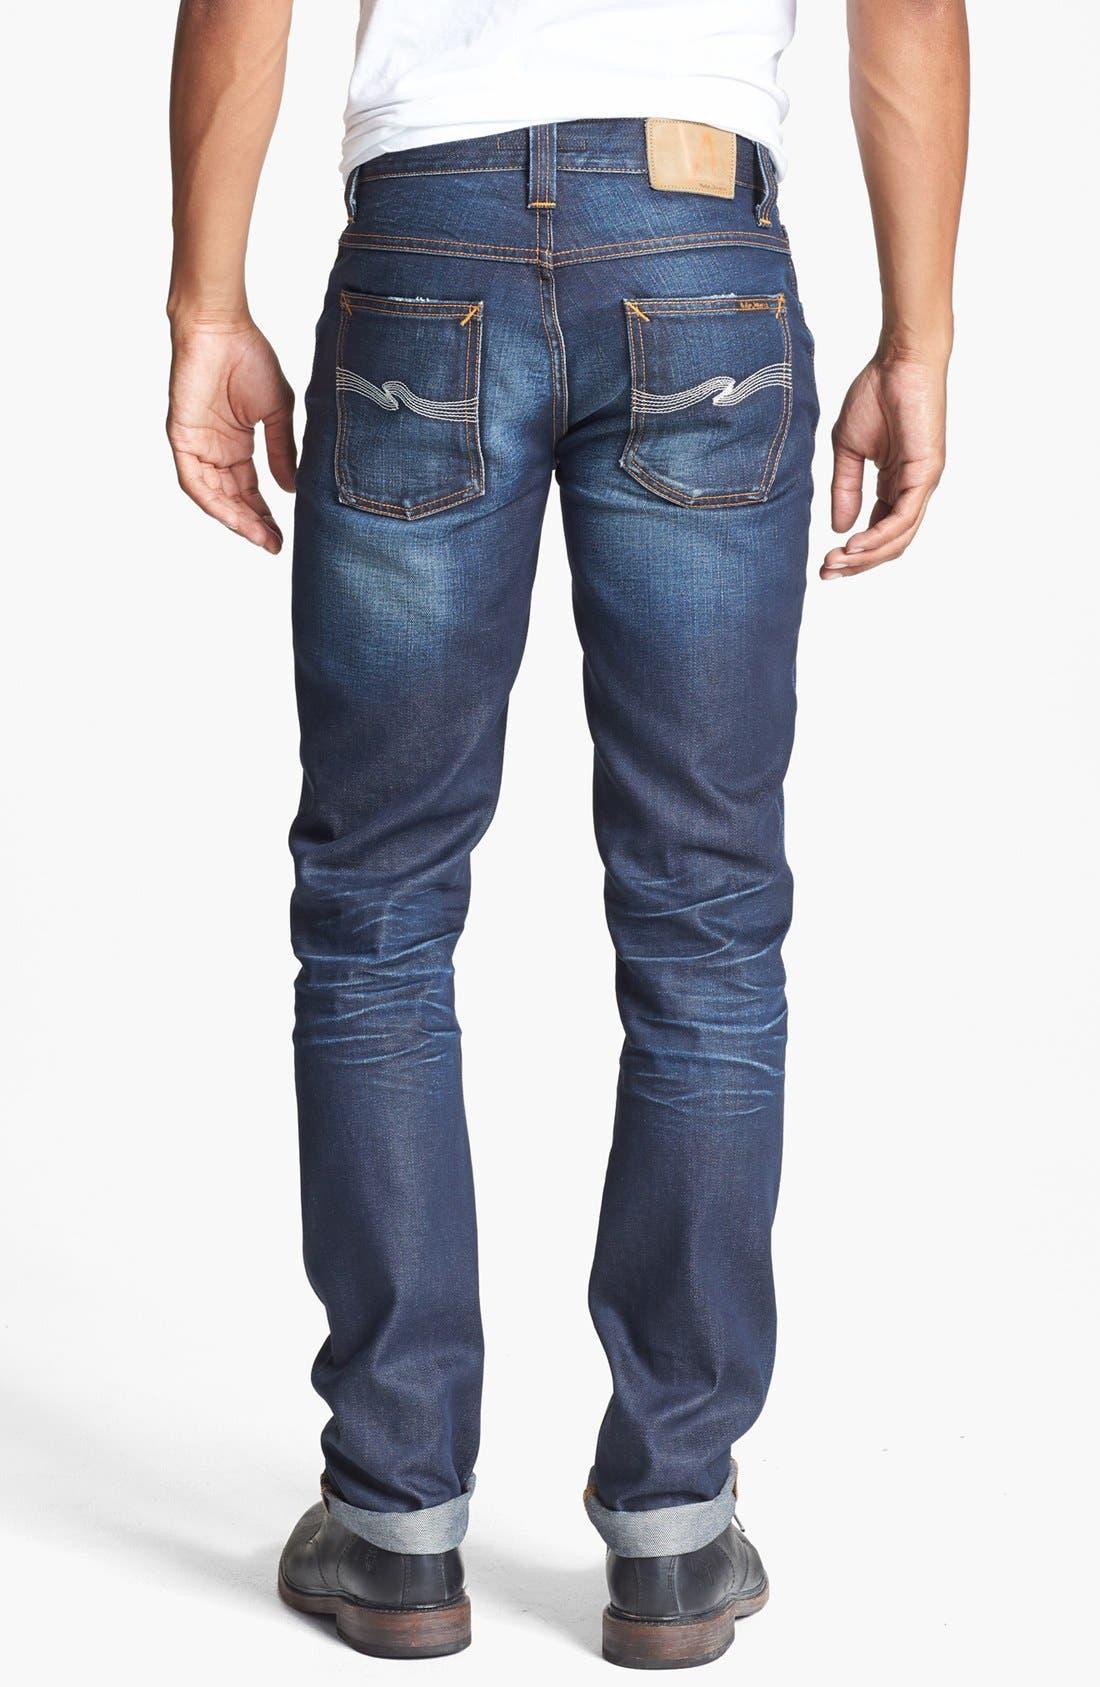 Alternate Image 1 Selected - Nudie Jeans 'Grim Tim' Skinny Fit Jeans (Organic Steely Blue)